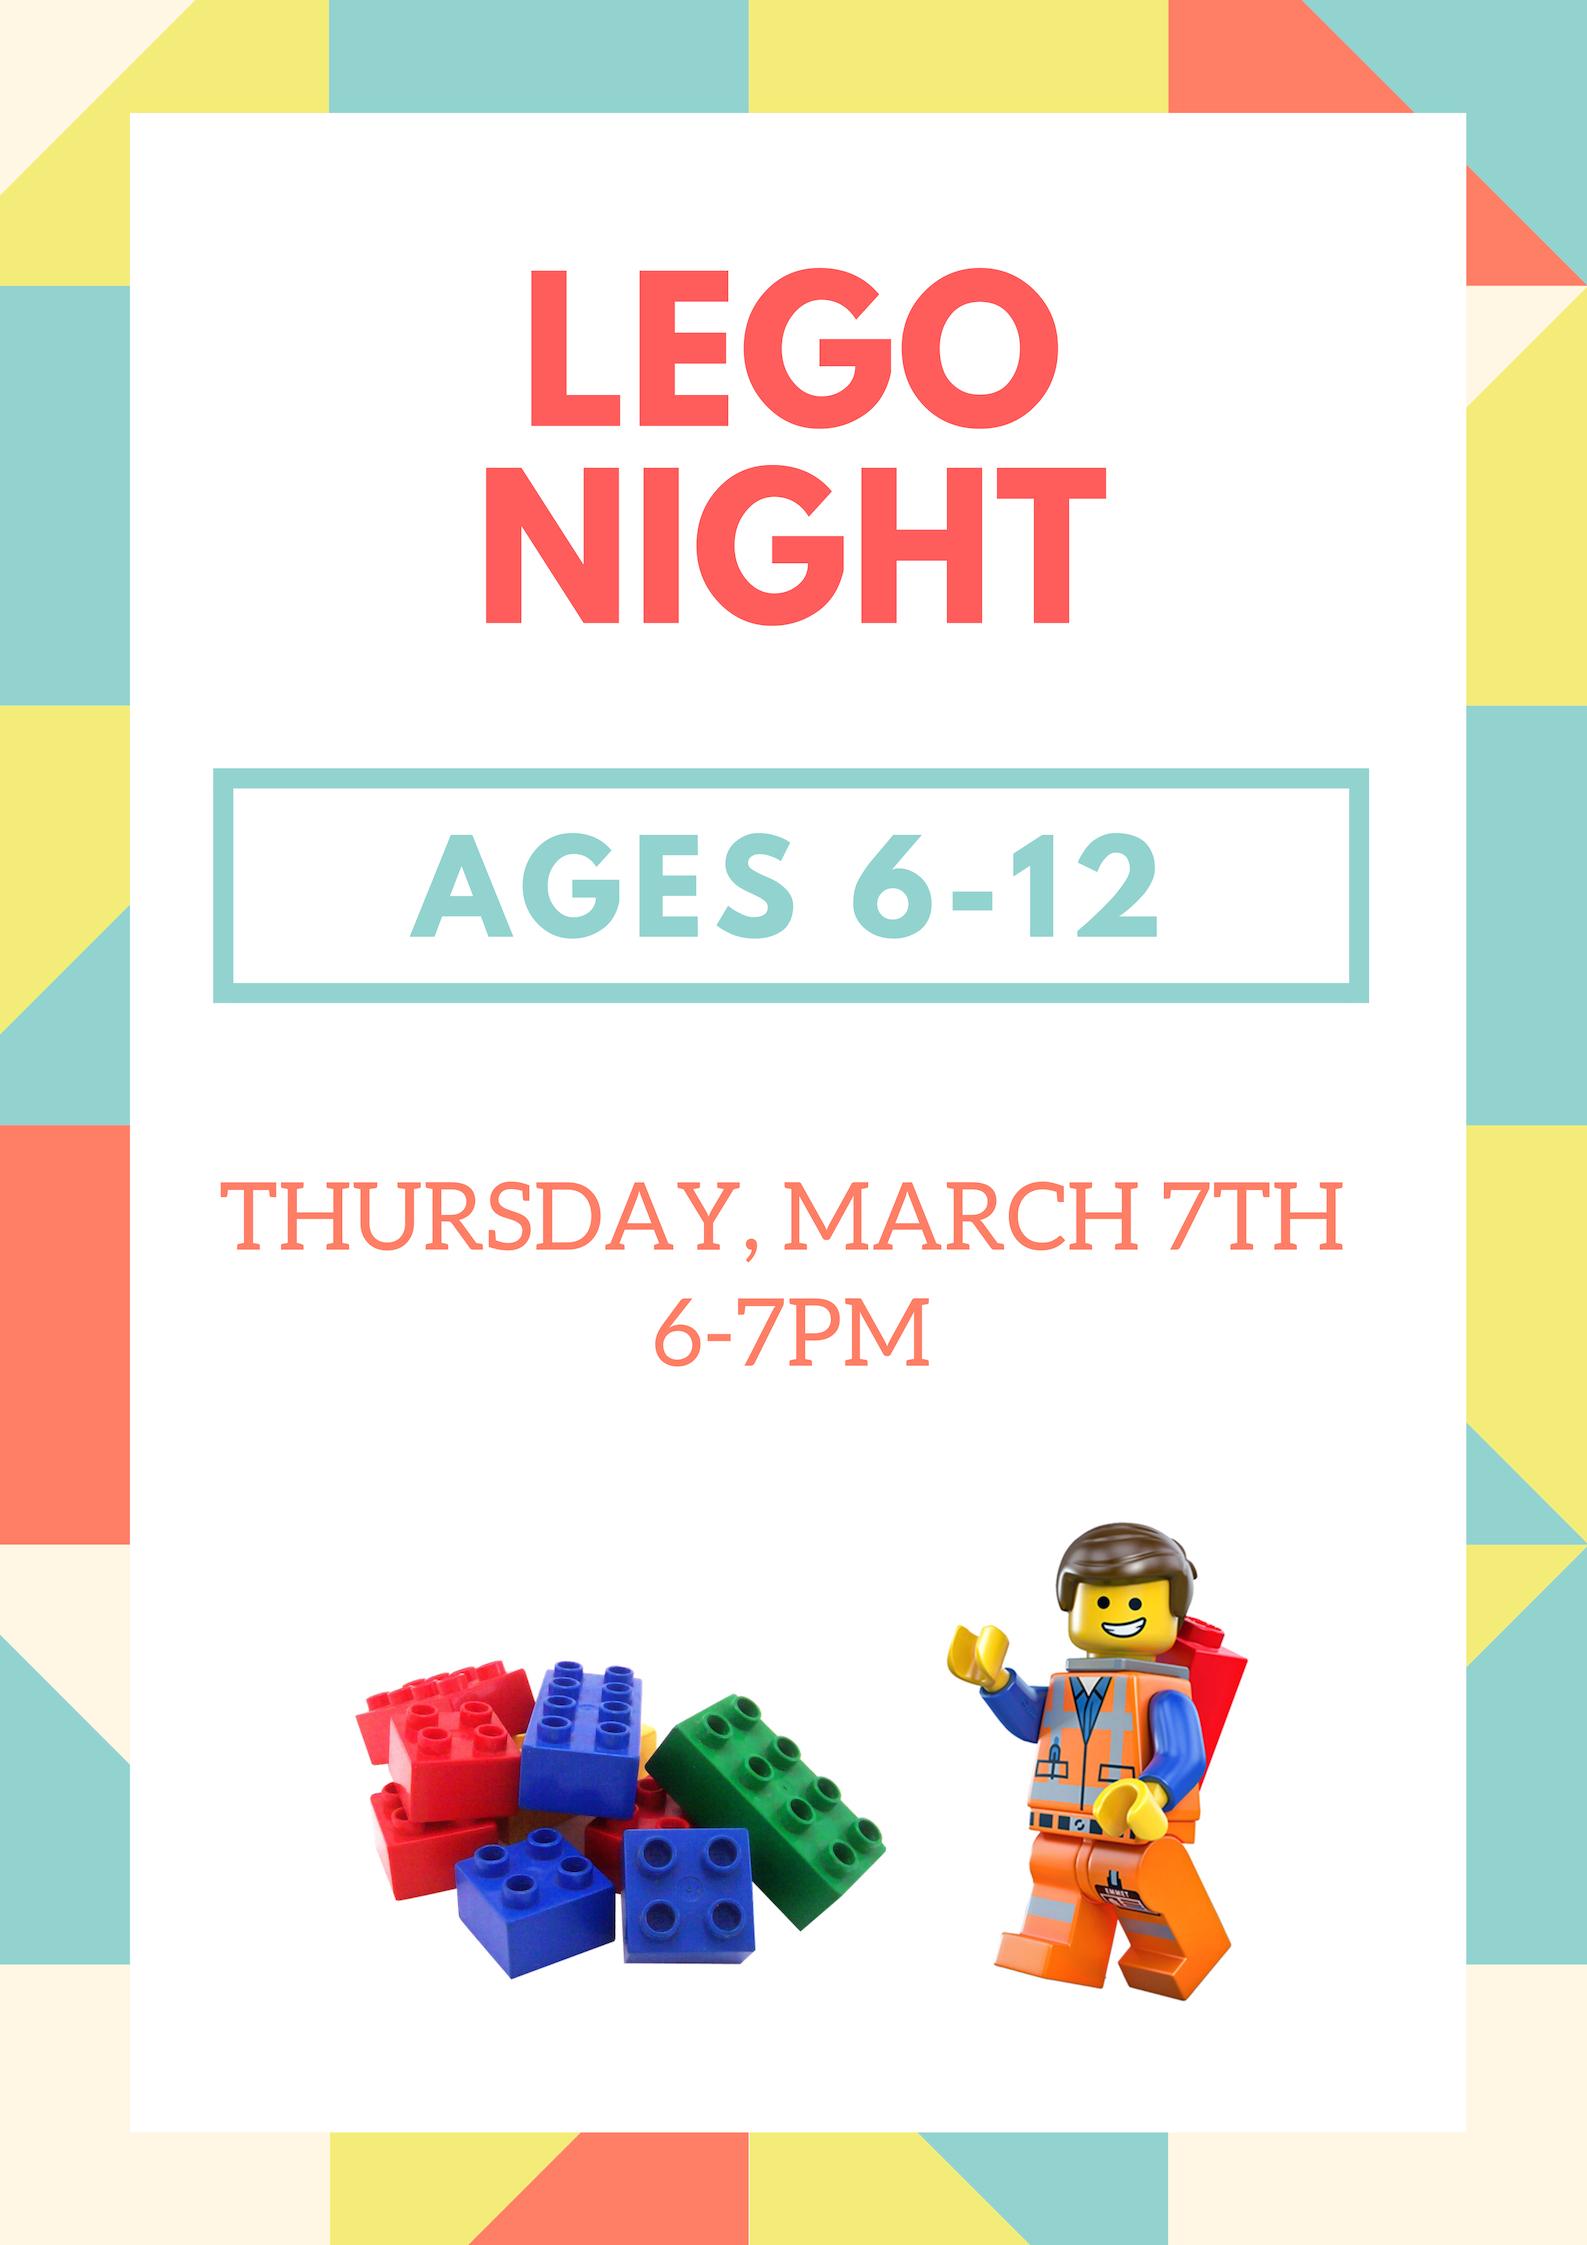 Holt Lego Night March.jpg